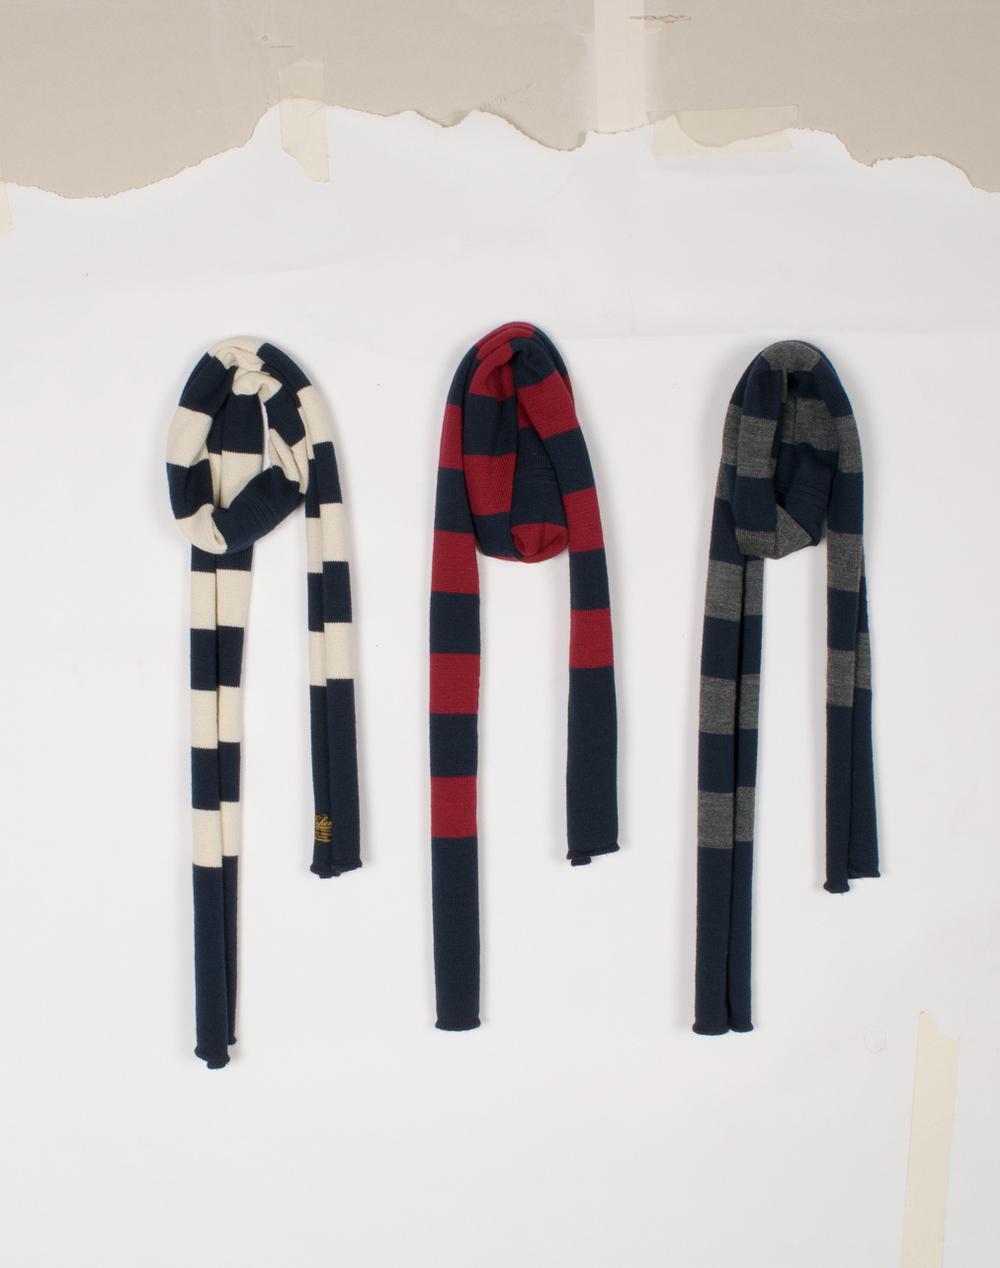 Knit Scarves - $22/$45